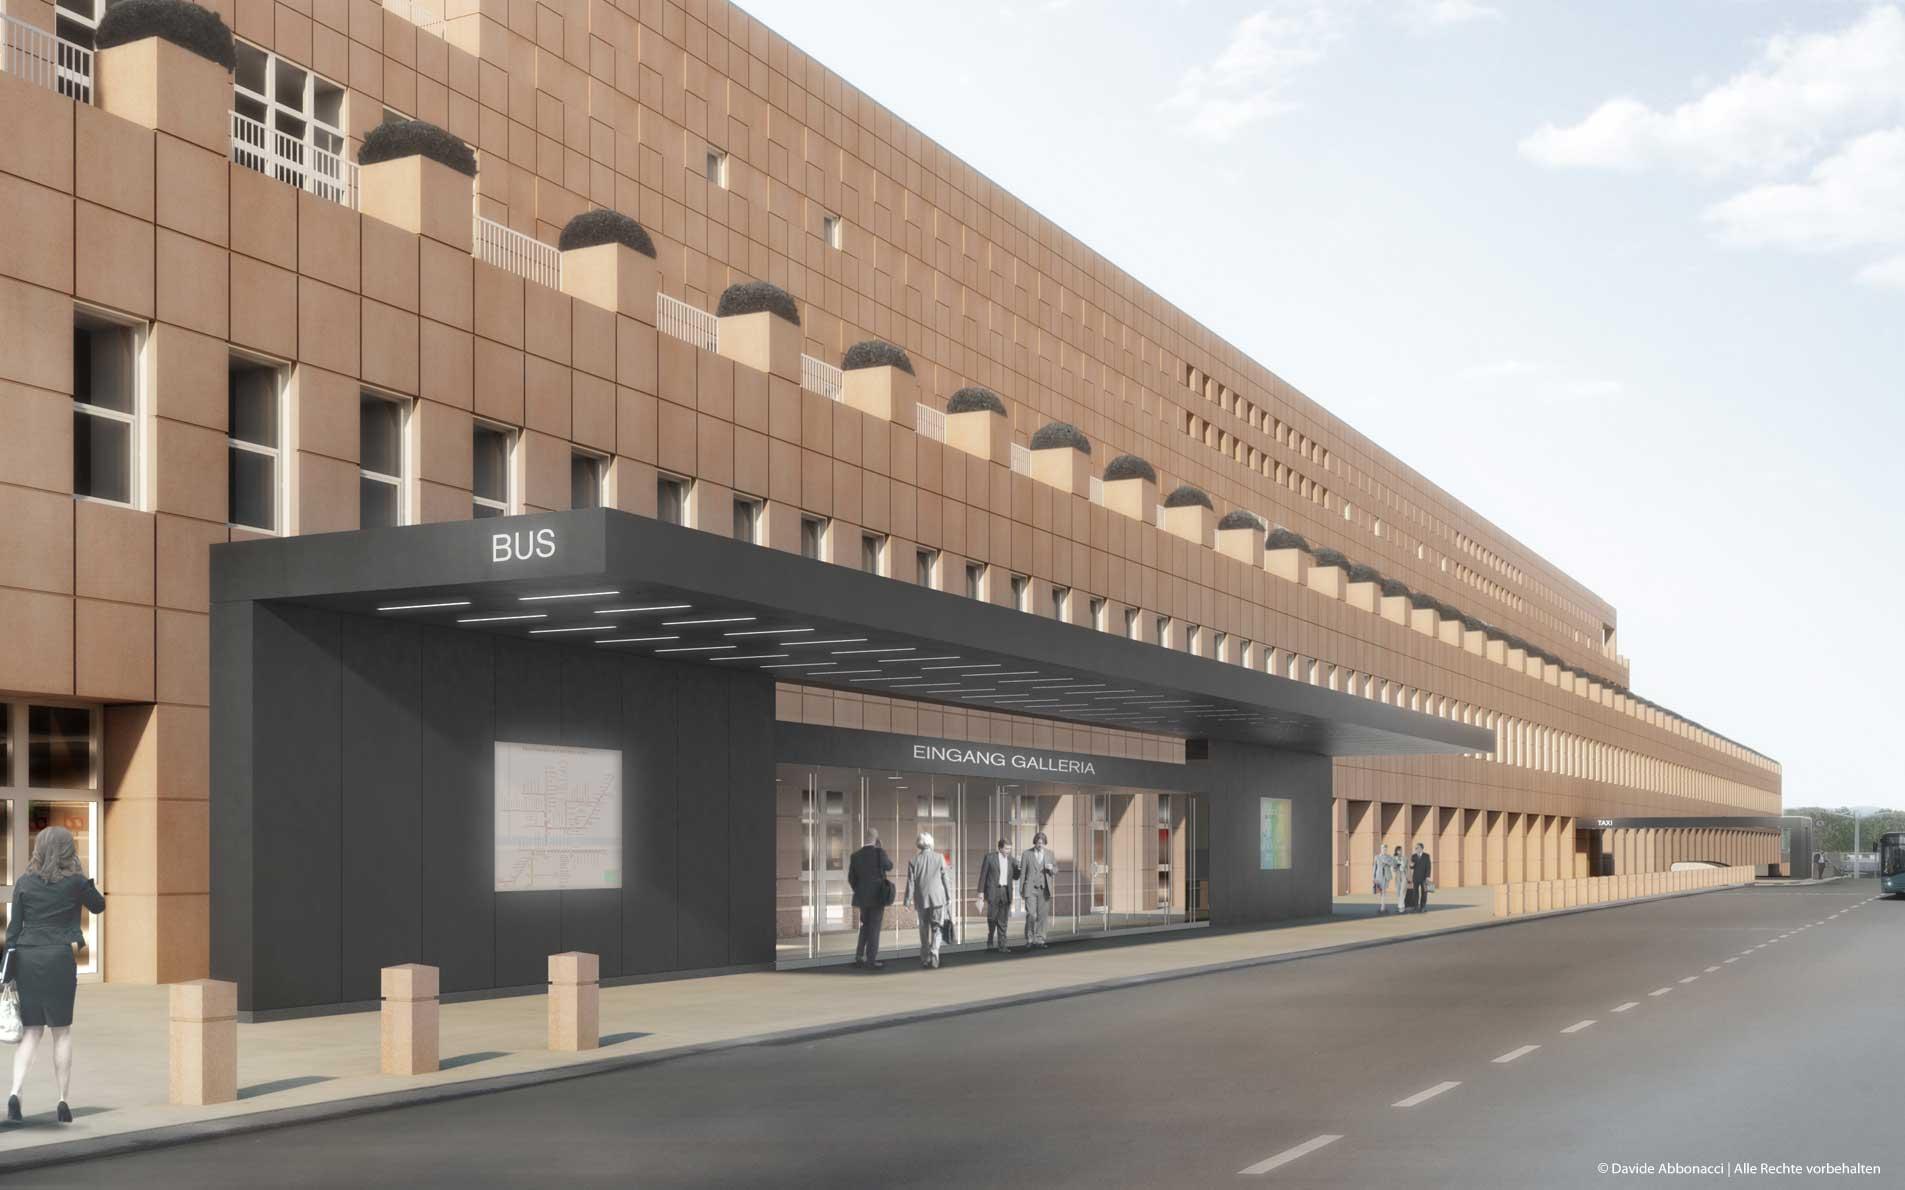 Eingang Galleria und Messehalle 9.T, Messe Frankfurt   Ingo Schrader Architekt   2012 Wettbewerbsvisualisierung   1. Preis